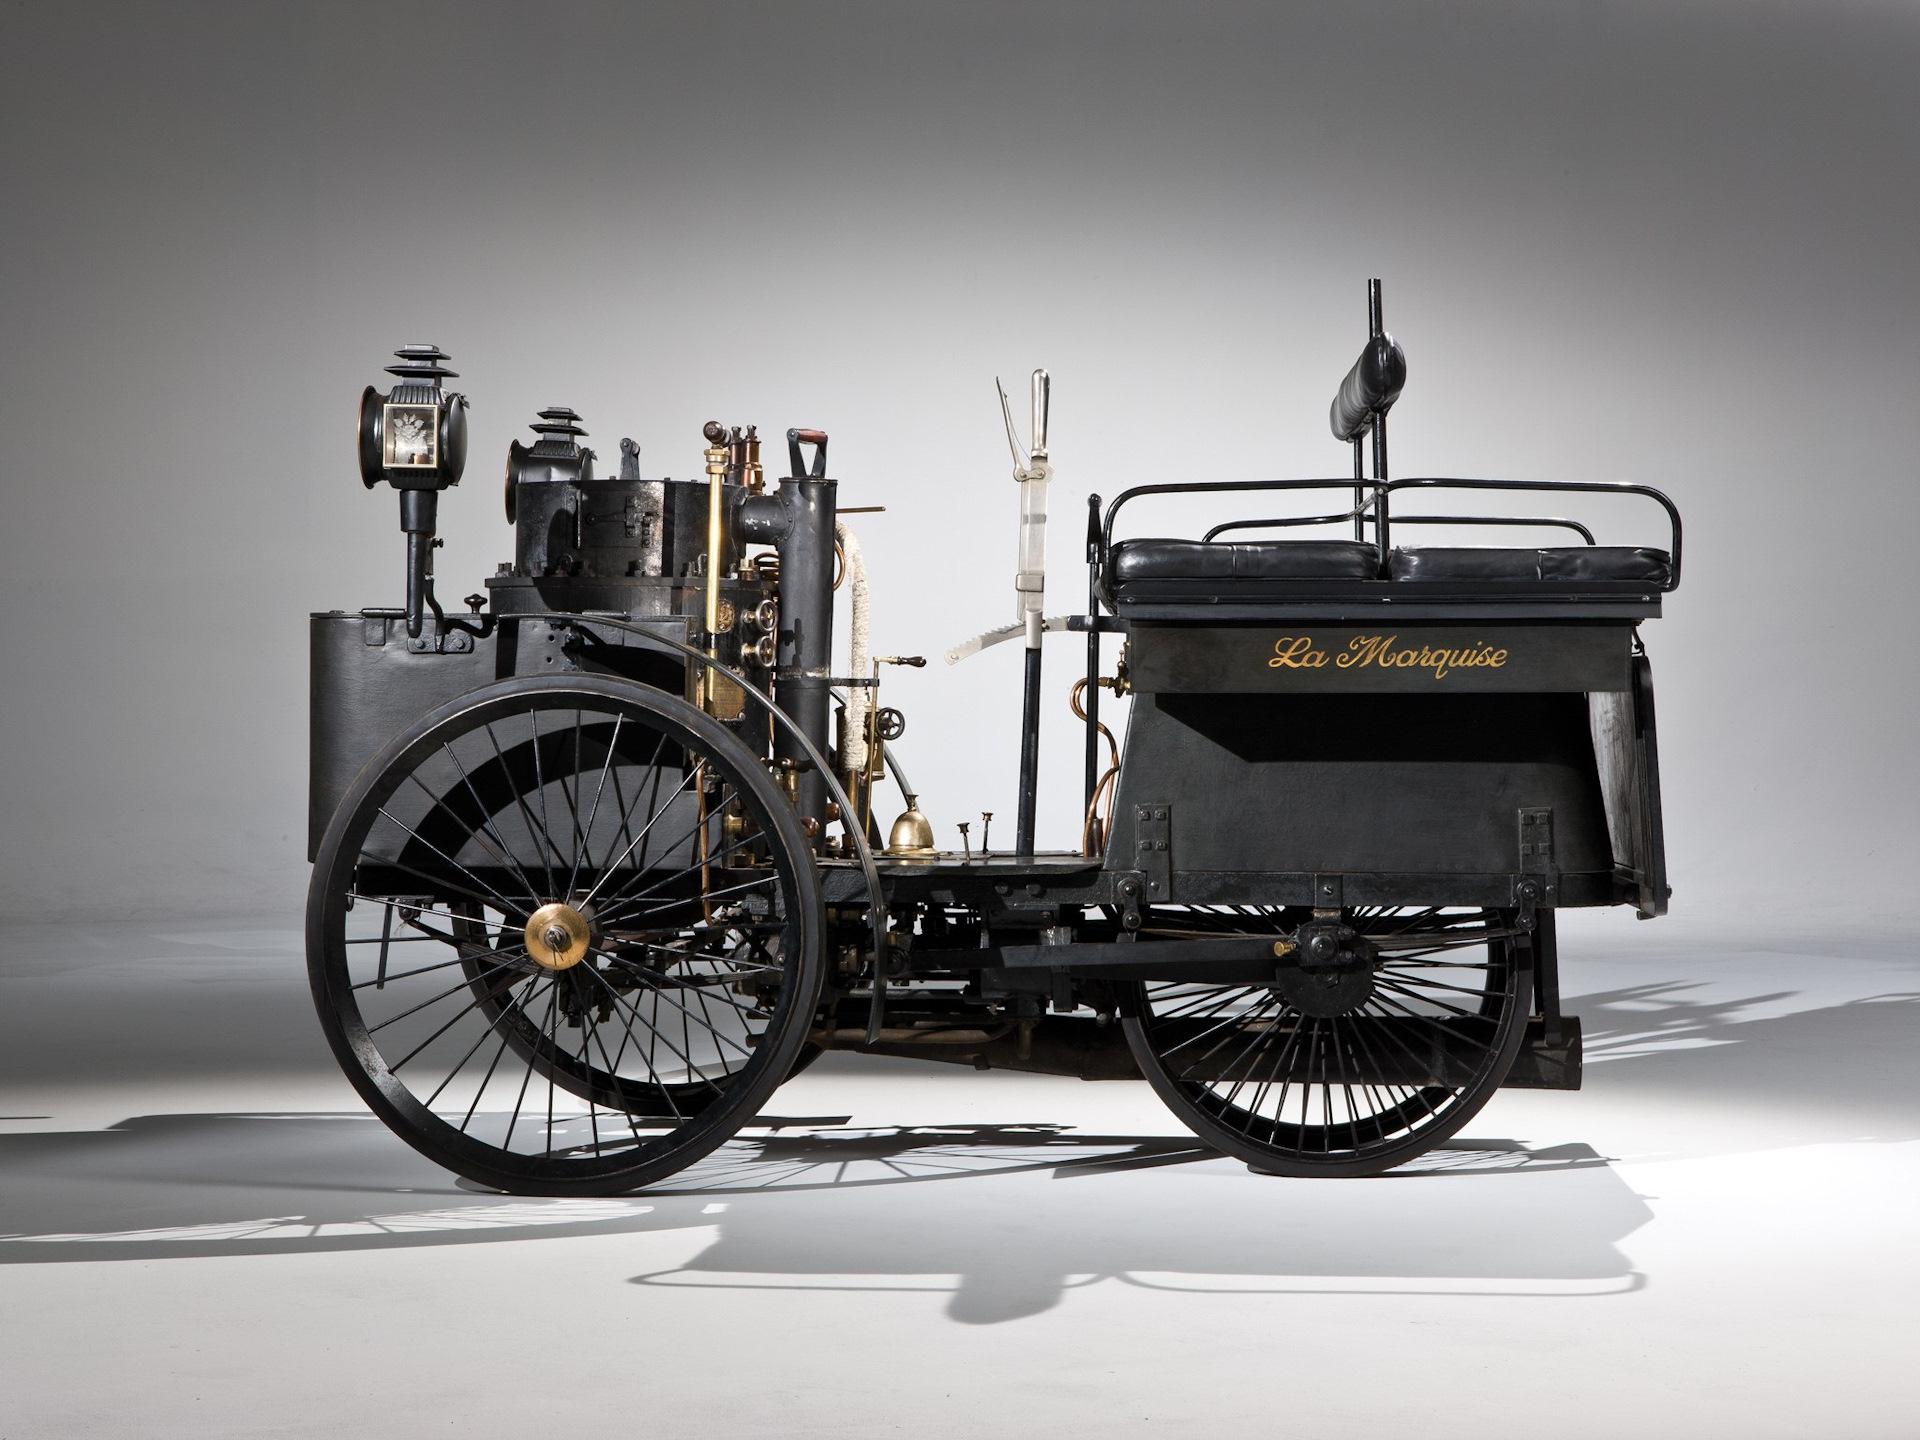 картинка первого автомобиля с паровым котлом продаже загородных